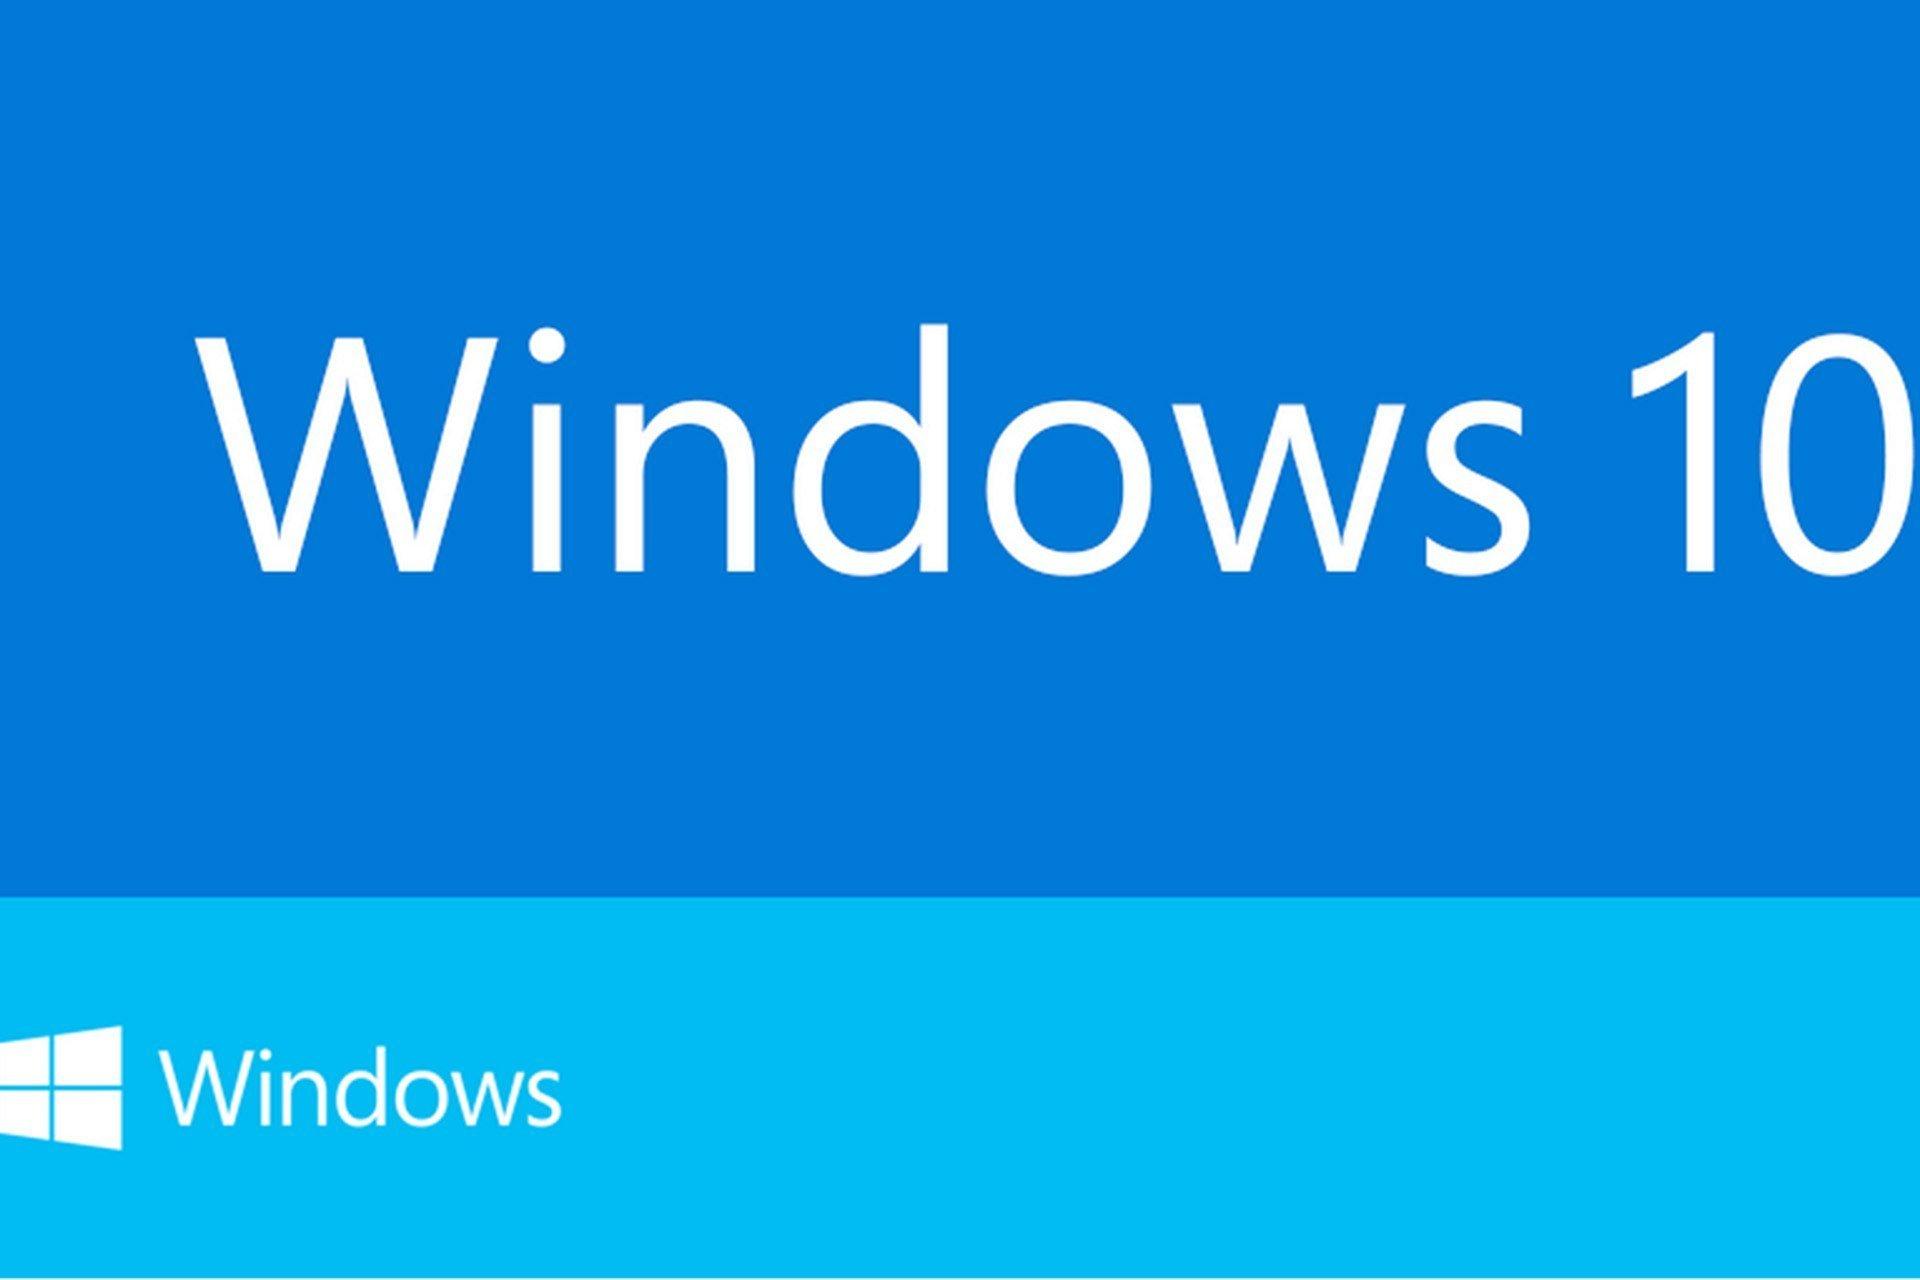 Новые процессоры Intel Skylake будут поддерживать только Windows 10